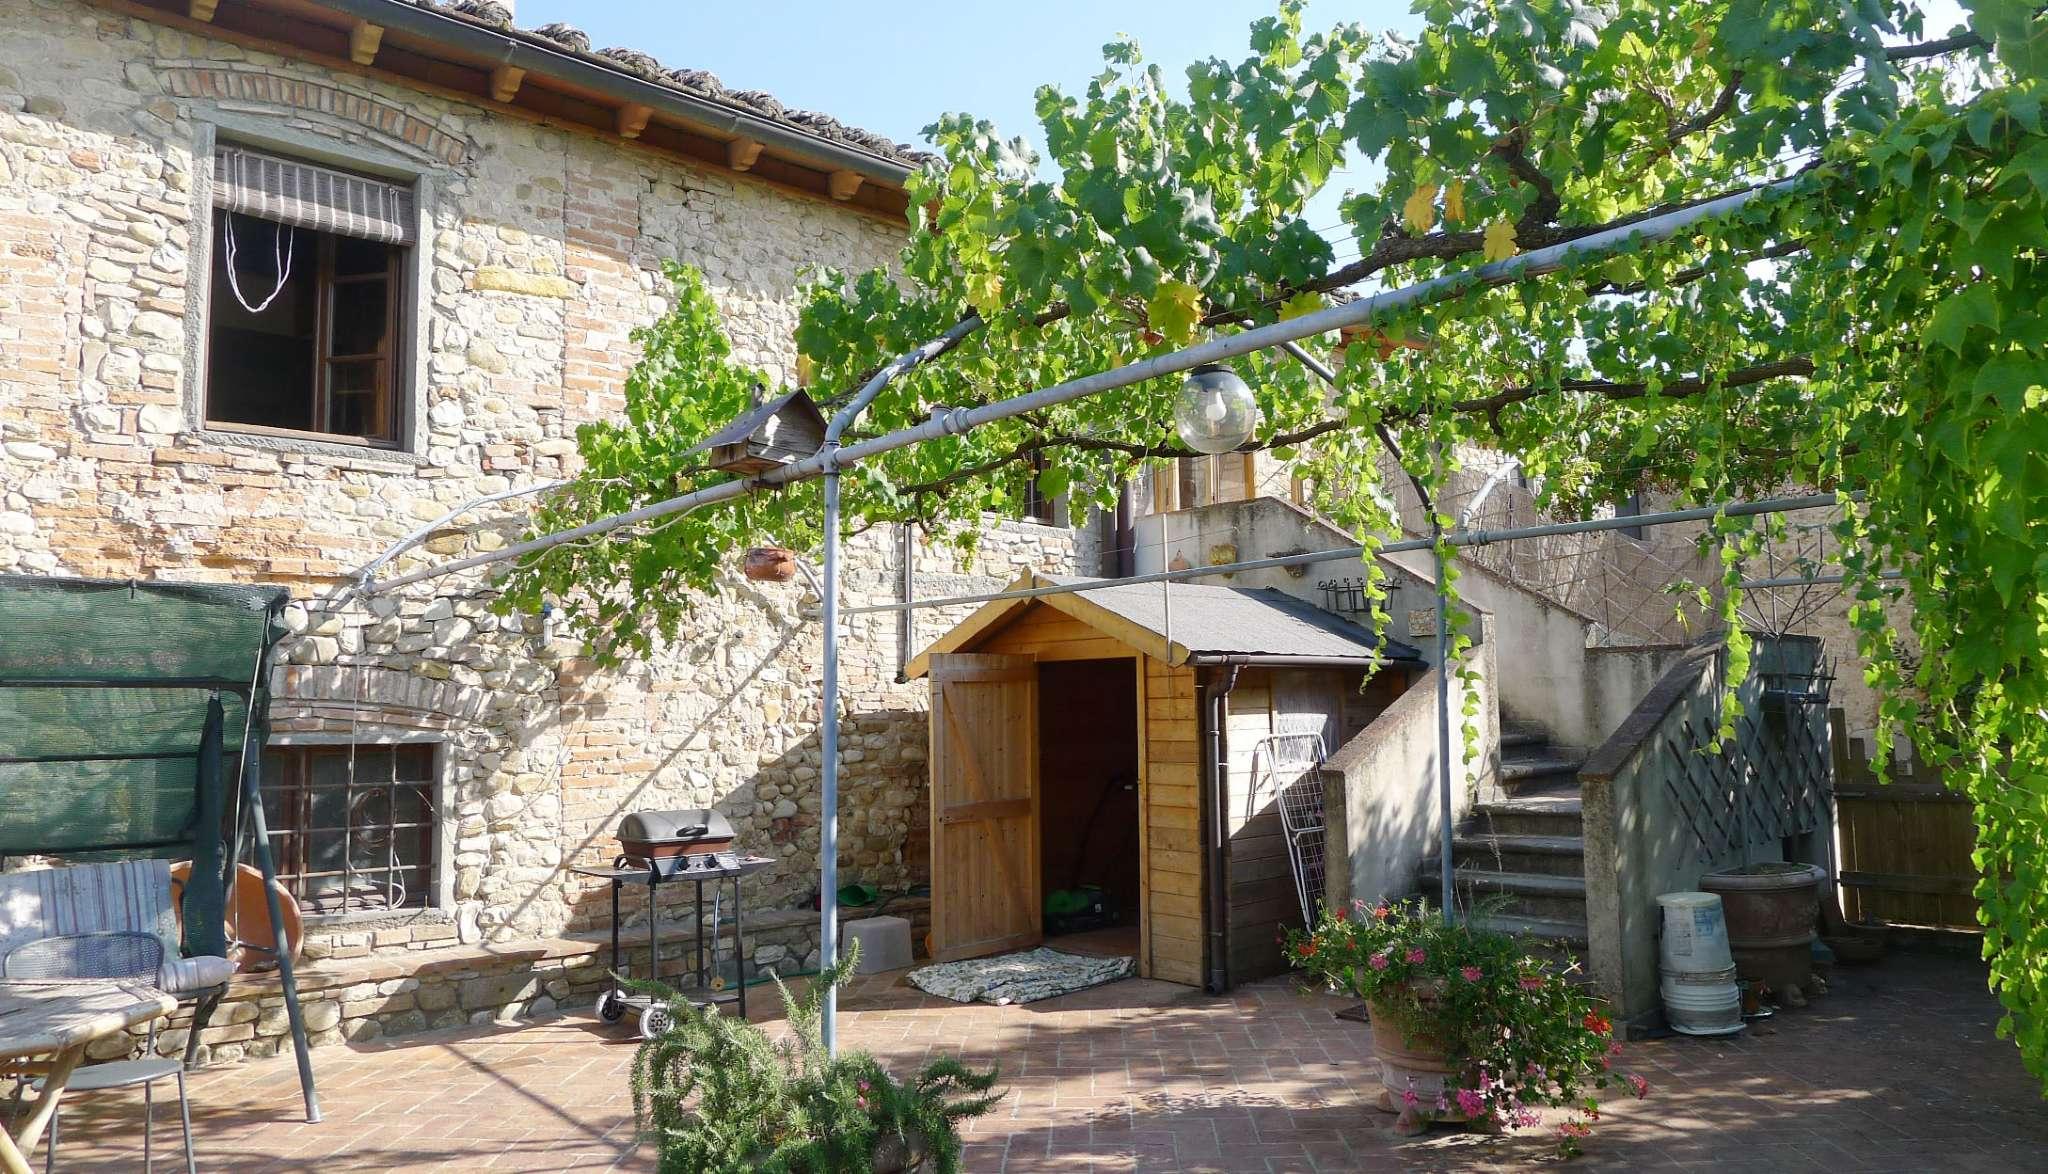 Rustico / Casale in vendita a Montespertoli, 5 locali, prezzo € 420.000 | CambioCasa.it